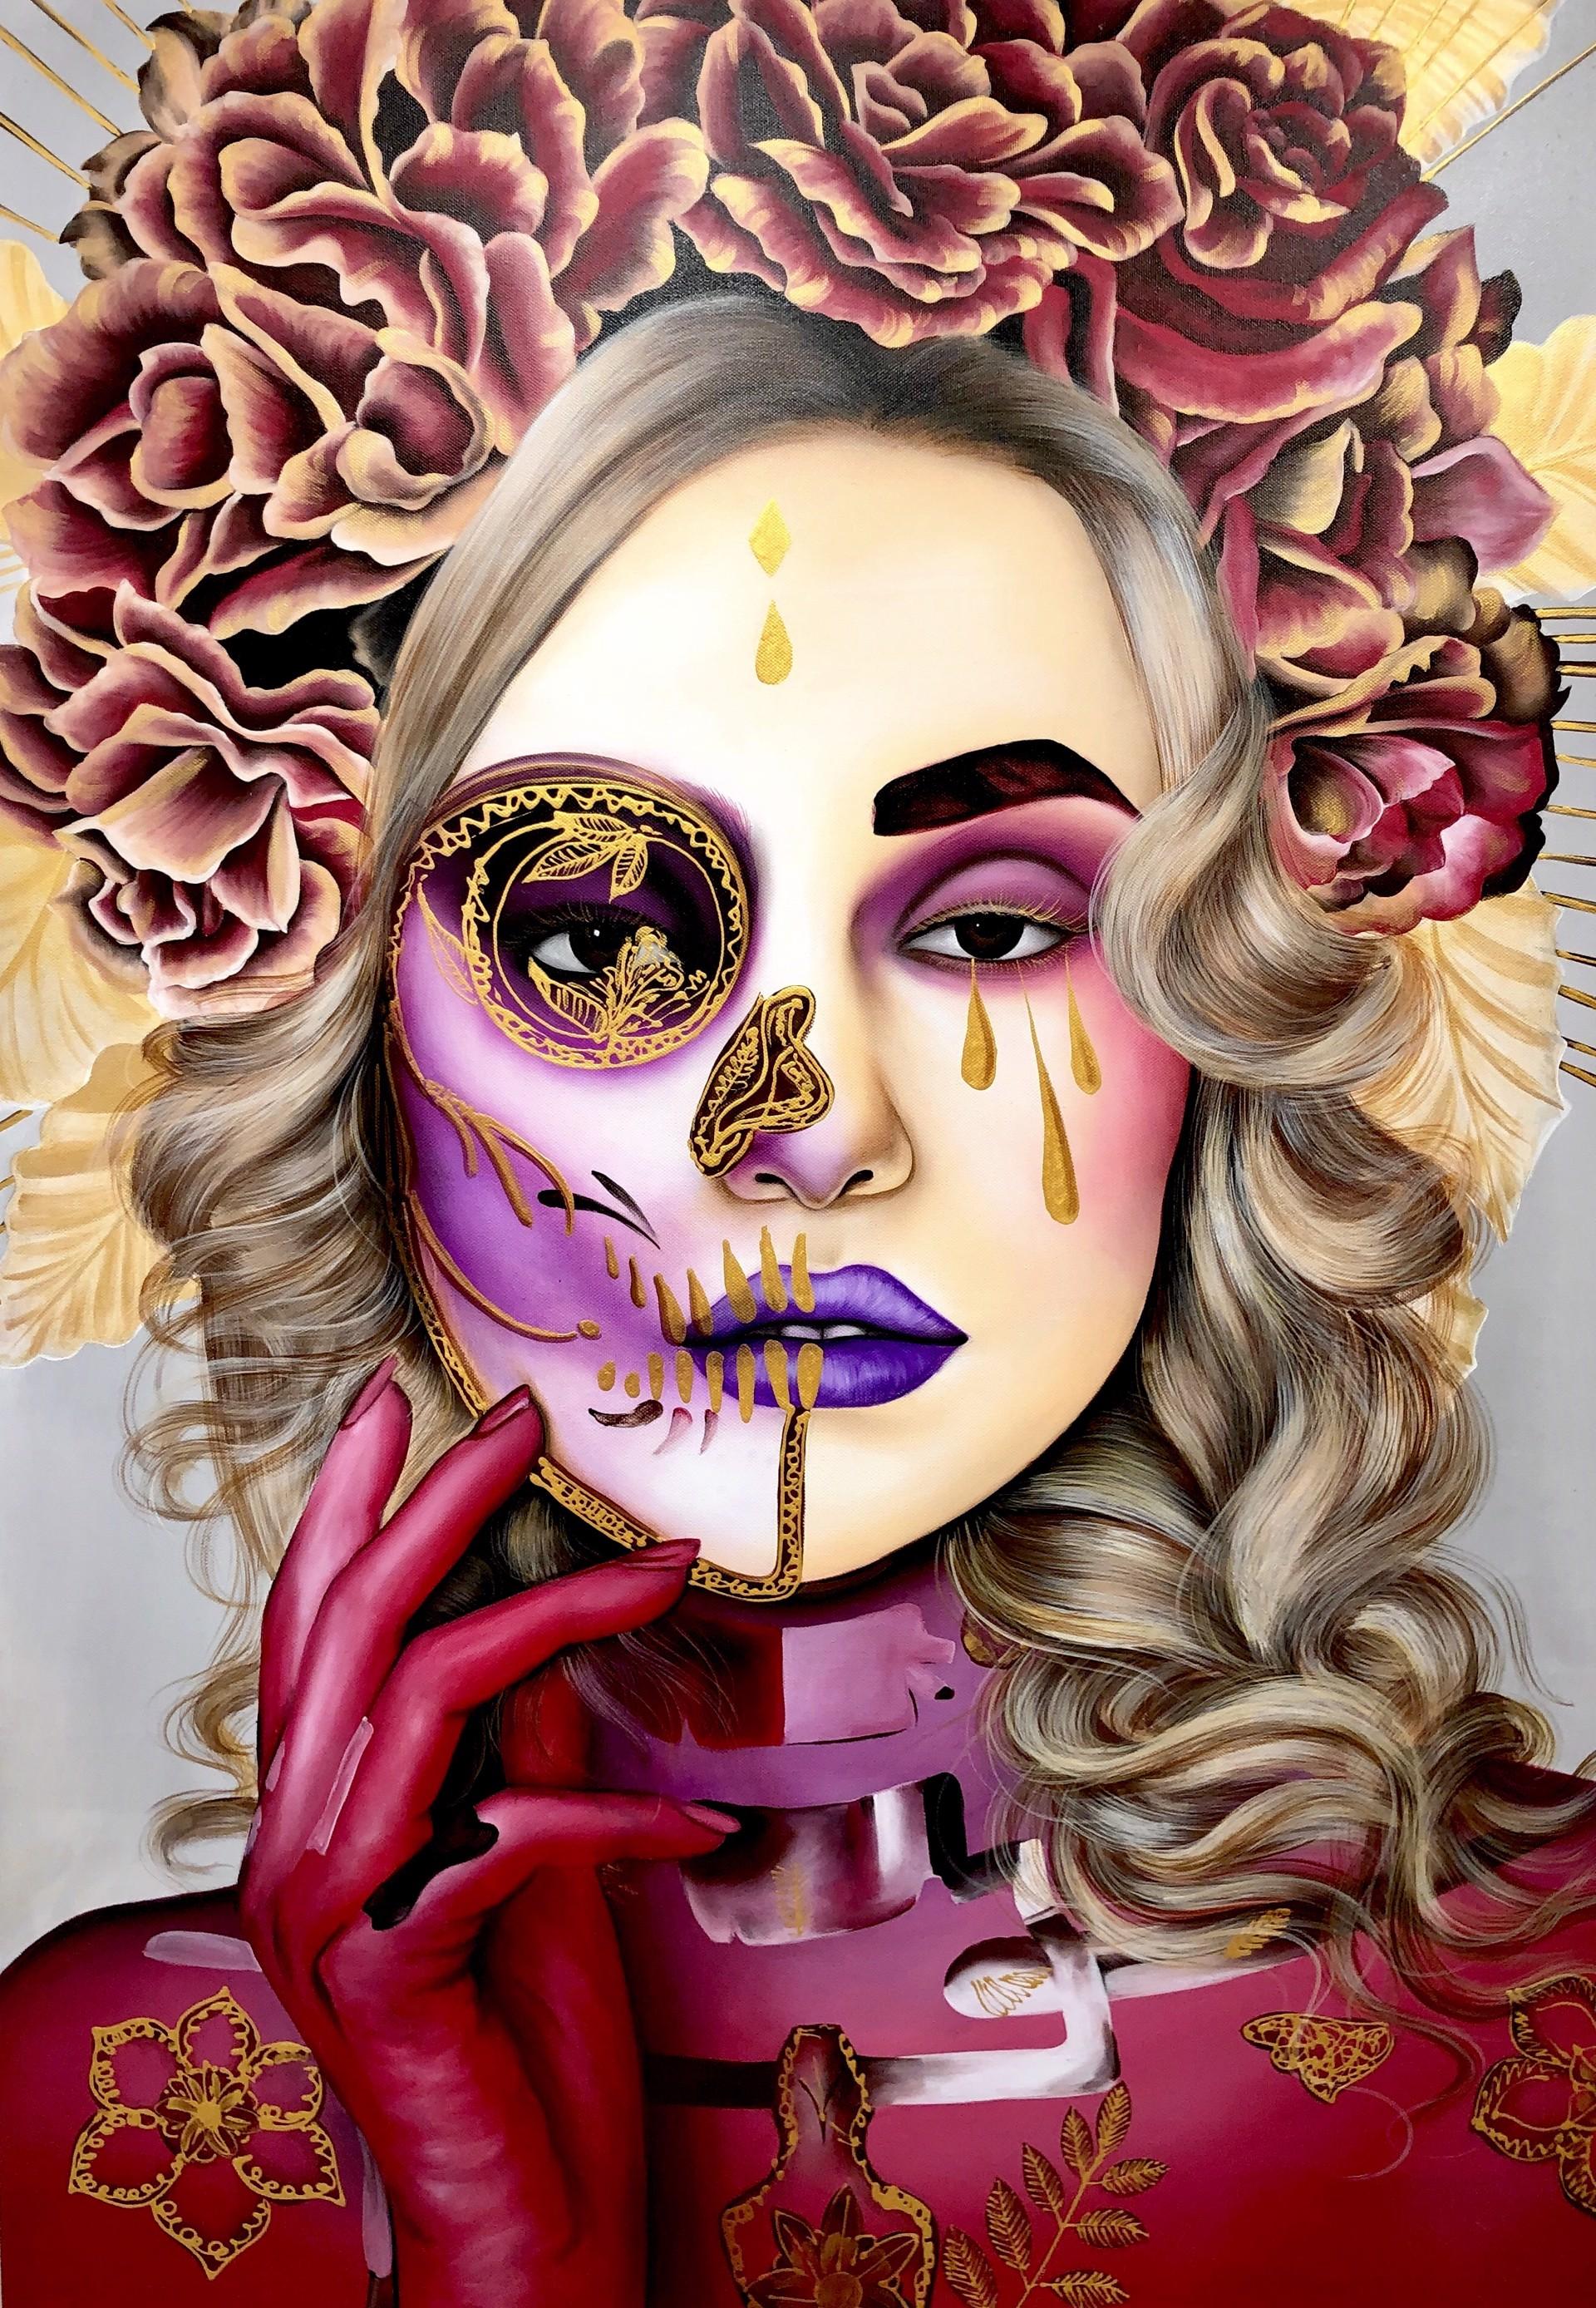 Frea by Roni M